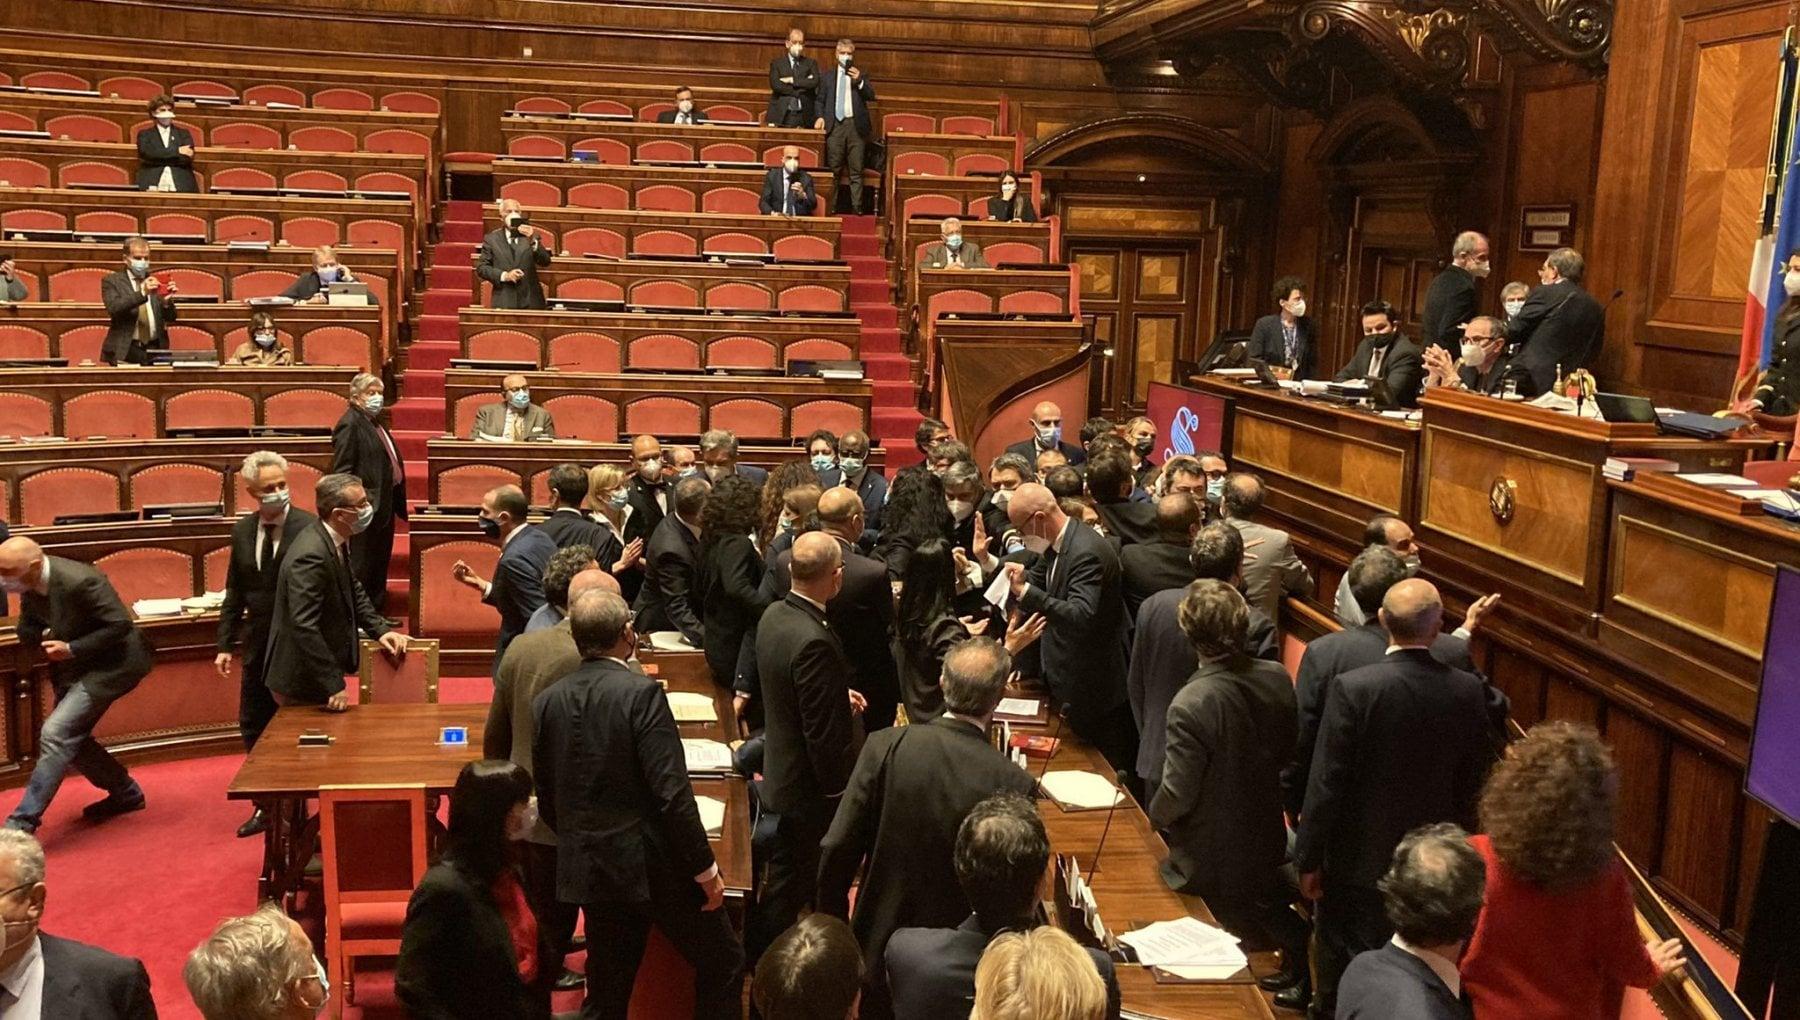 Decreto sicurezza caos al Senato mentre il governo pone la fiducia. Dal Pd Vile atto di squadrismo La Russa ha tollerato